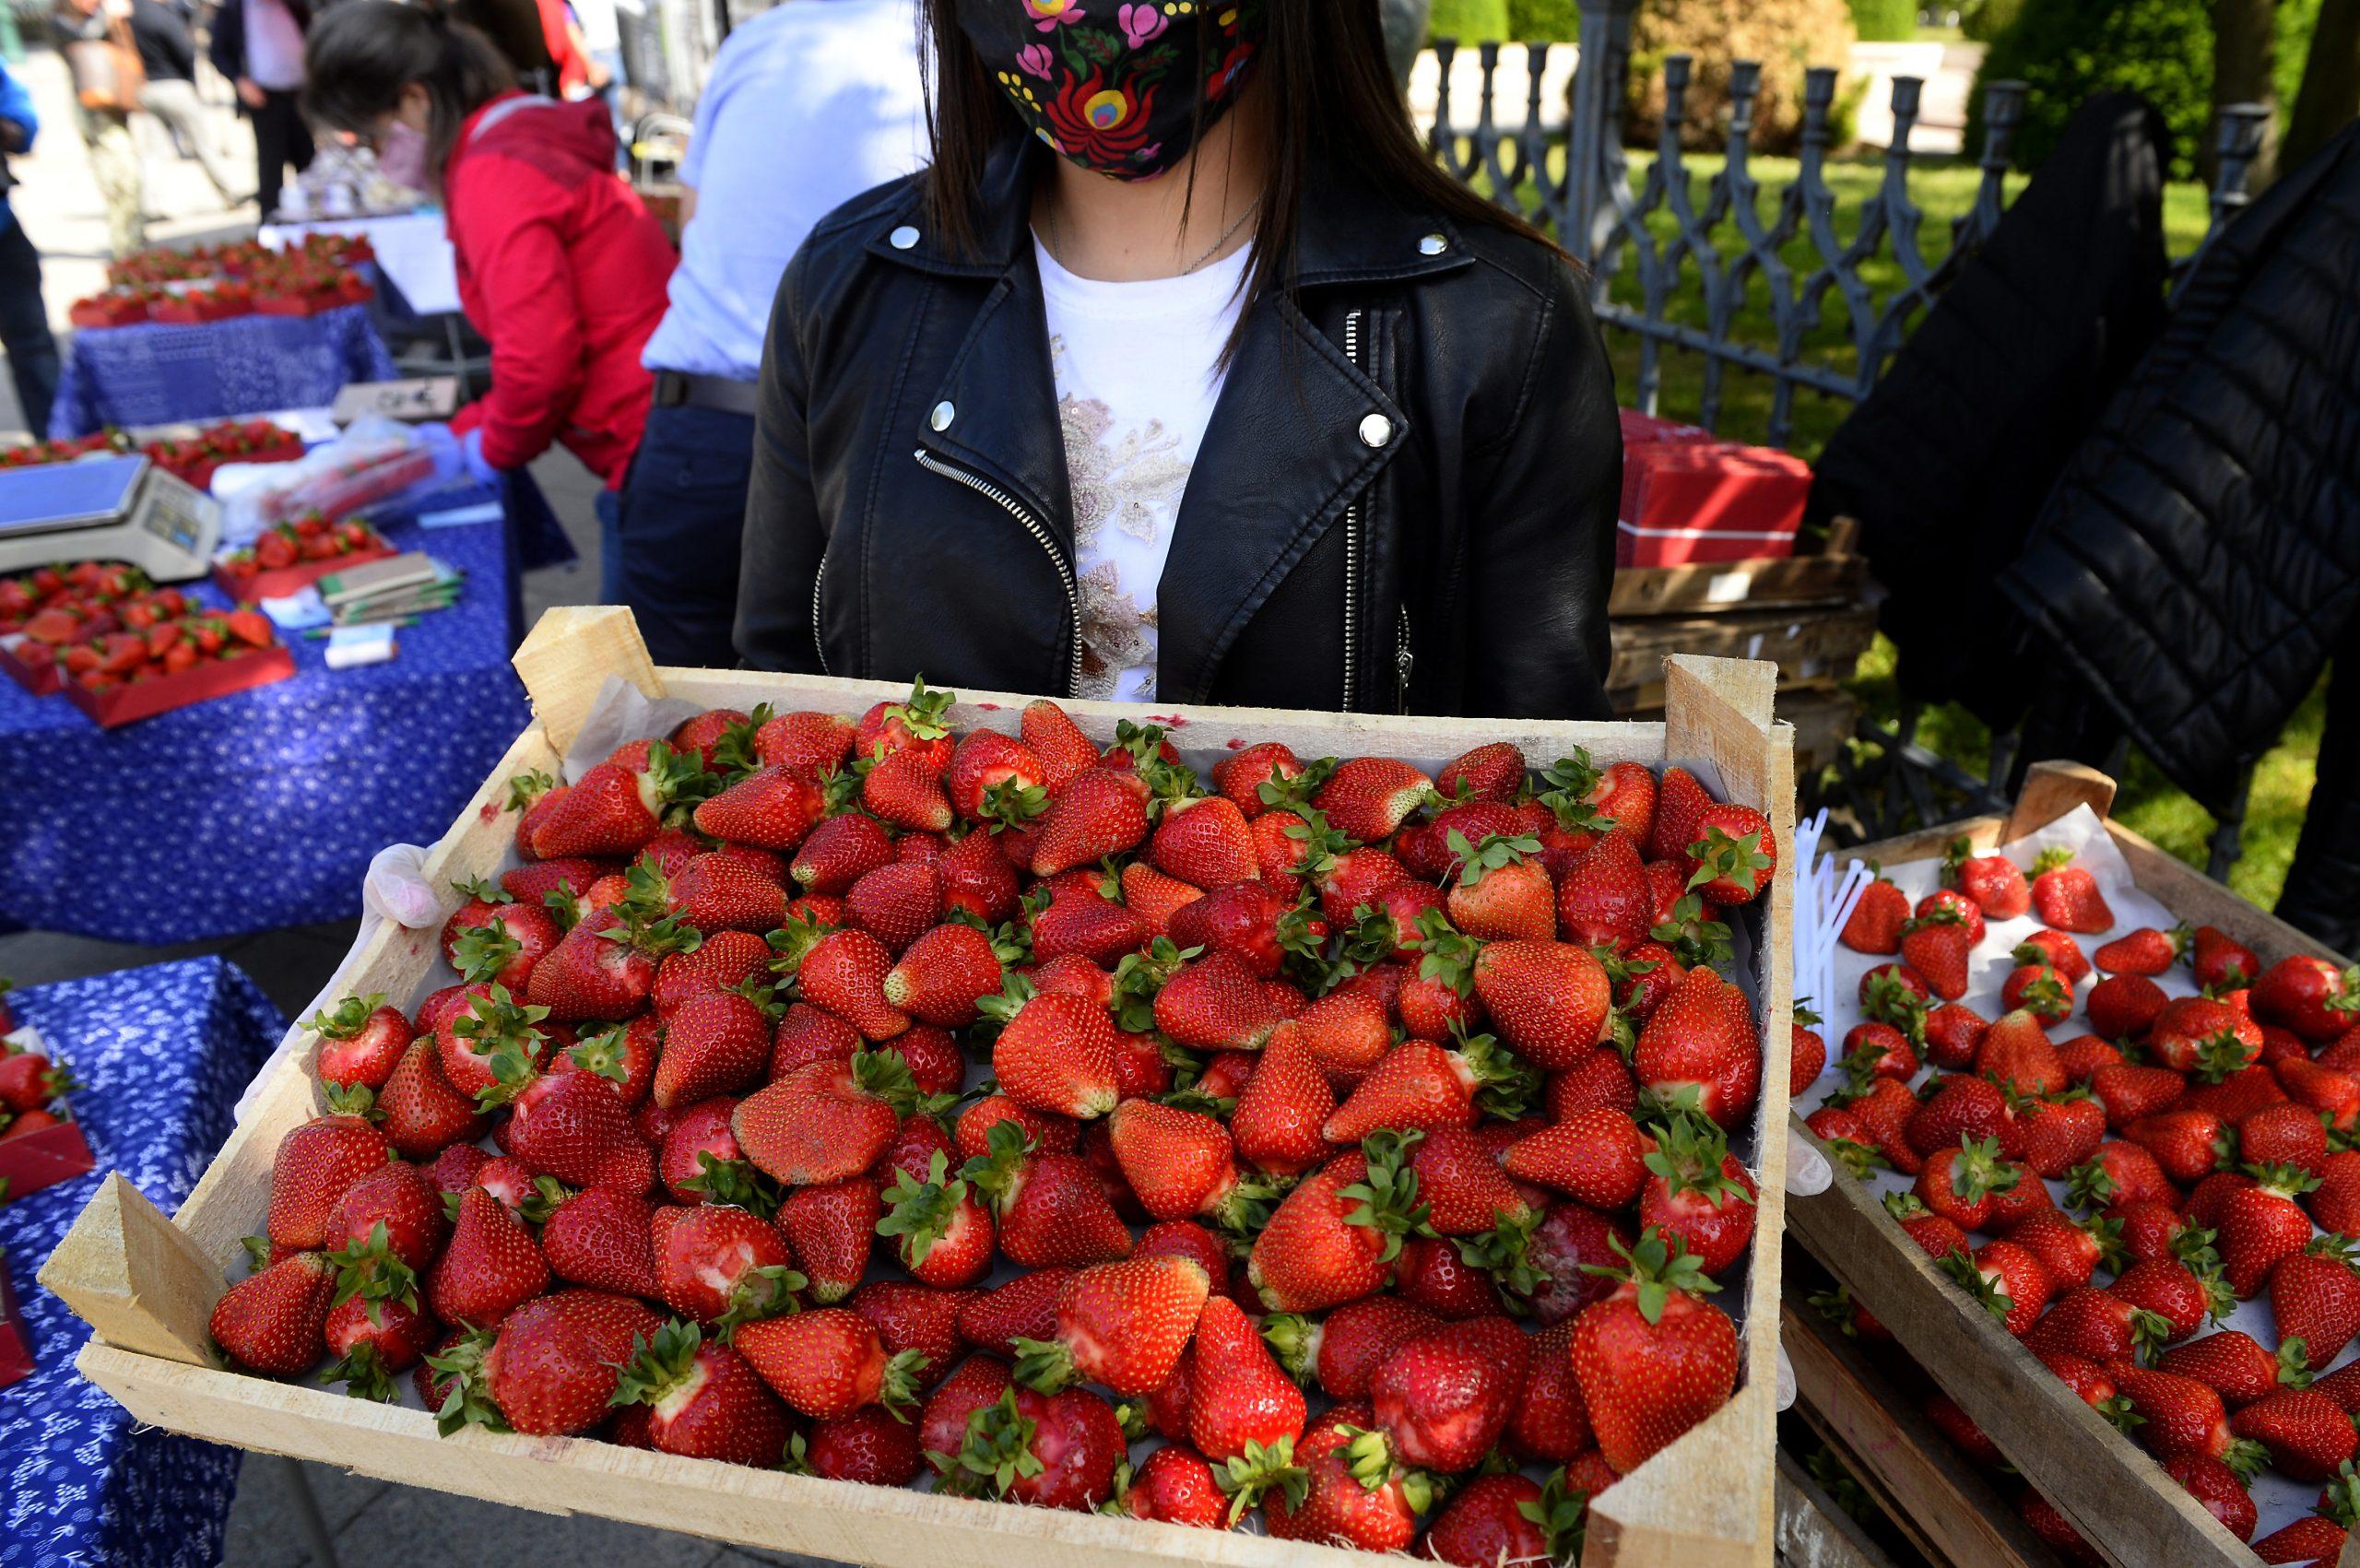 Ungarische Erdbeere extrem teuer